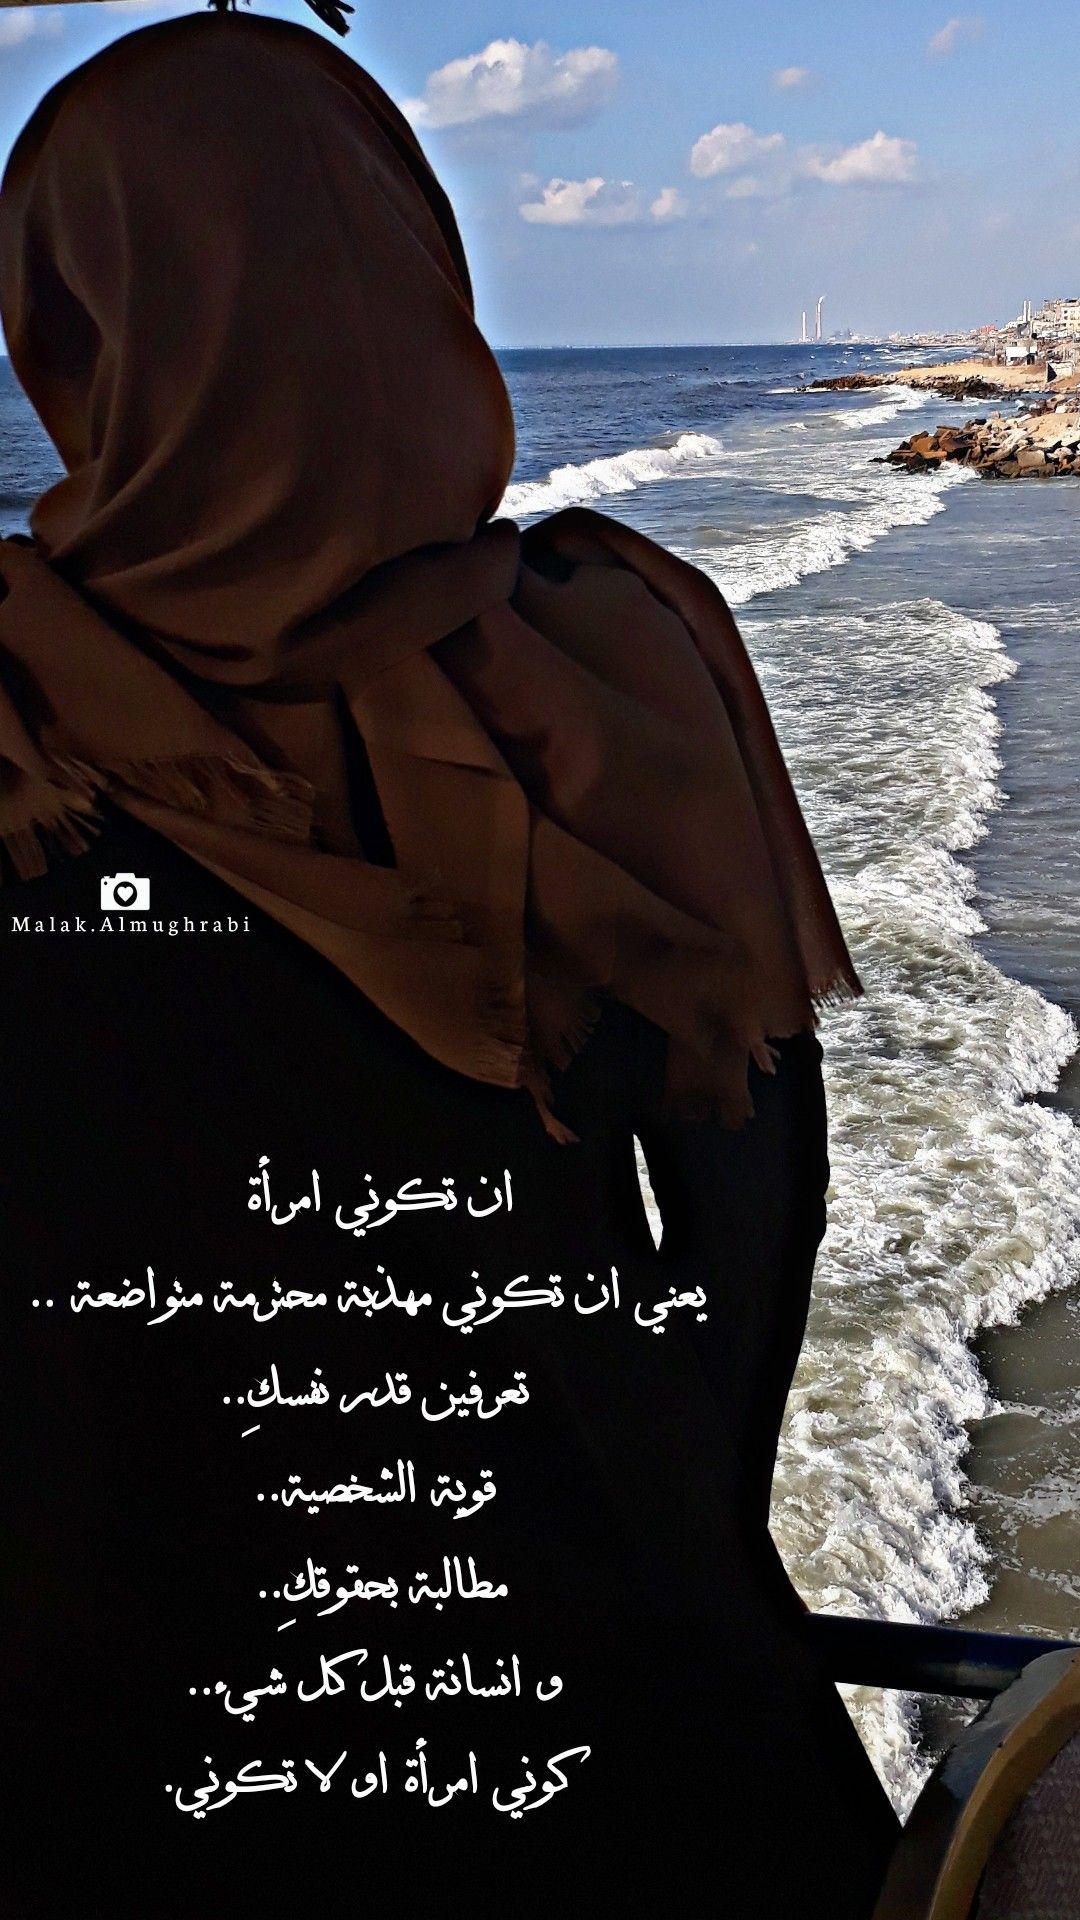 ان تكوني امرأة يعني ان تكوني مهذبة محترمة متواضعة تعرفين قدر نفسك قوية الشخصية Beautiful Wallpapers Backgrounds Phone Wallpaper Images Arabic Love Quotes